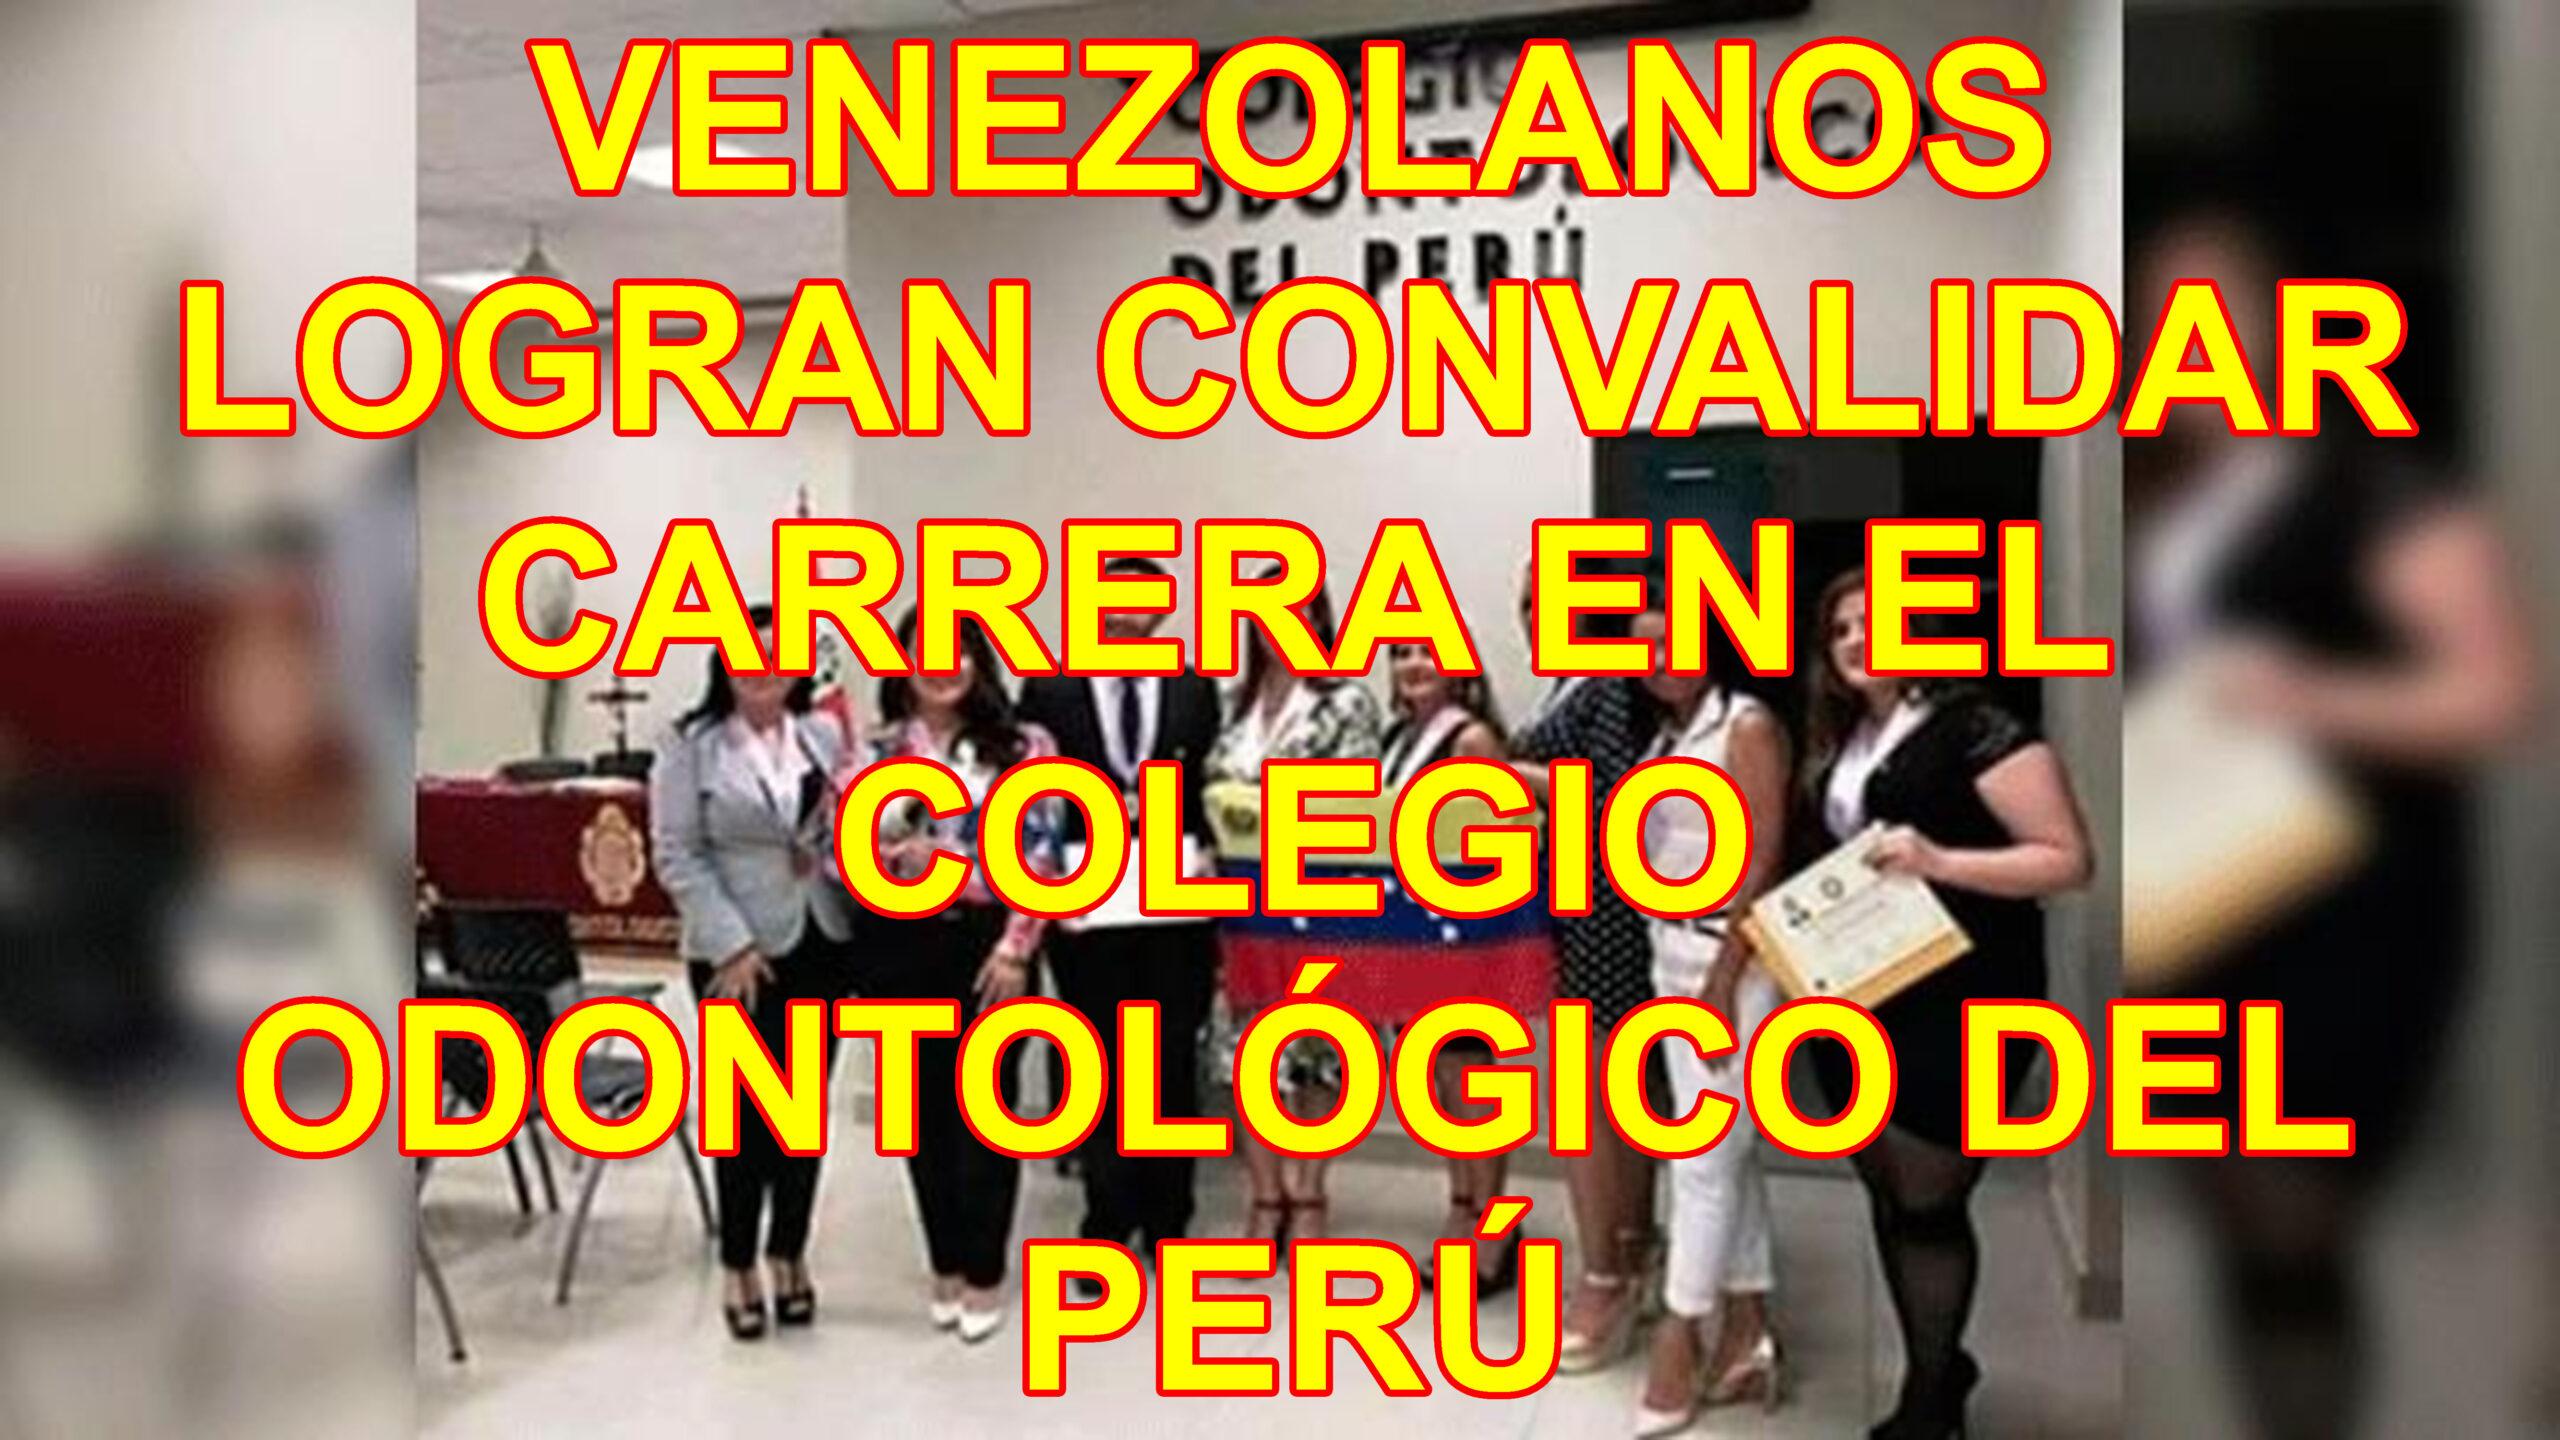 VENEZOLANOS LOGRAN CONVALIDAR CARRERA EN EL COLEGIO ODONTOLÓGICO DEL PERÚ